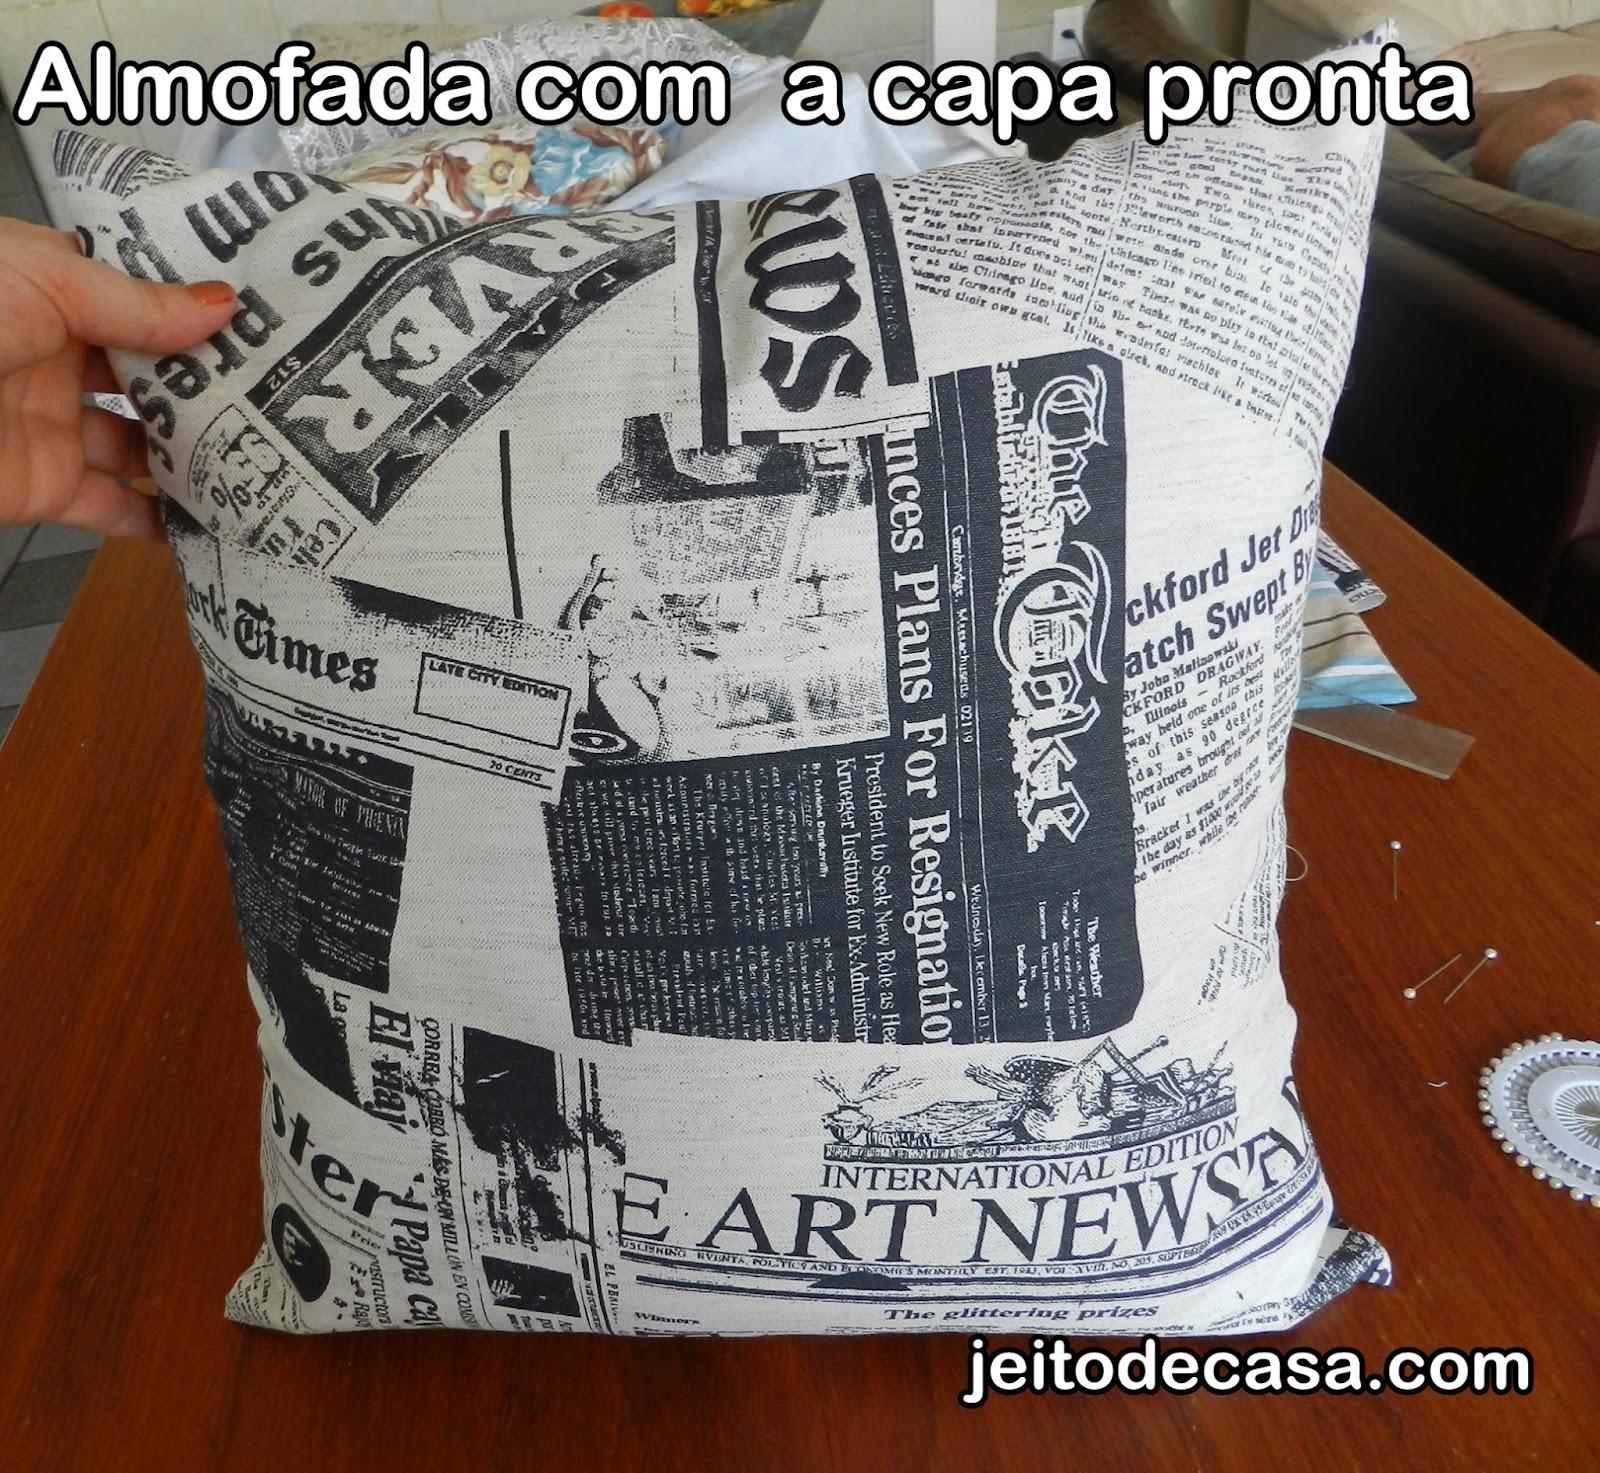 faça capa de almofadas